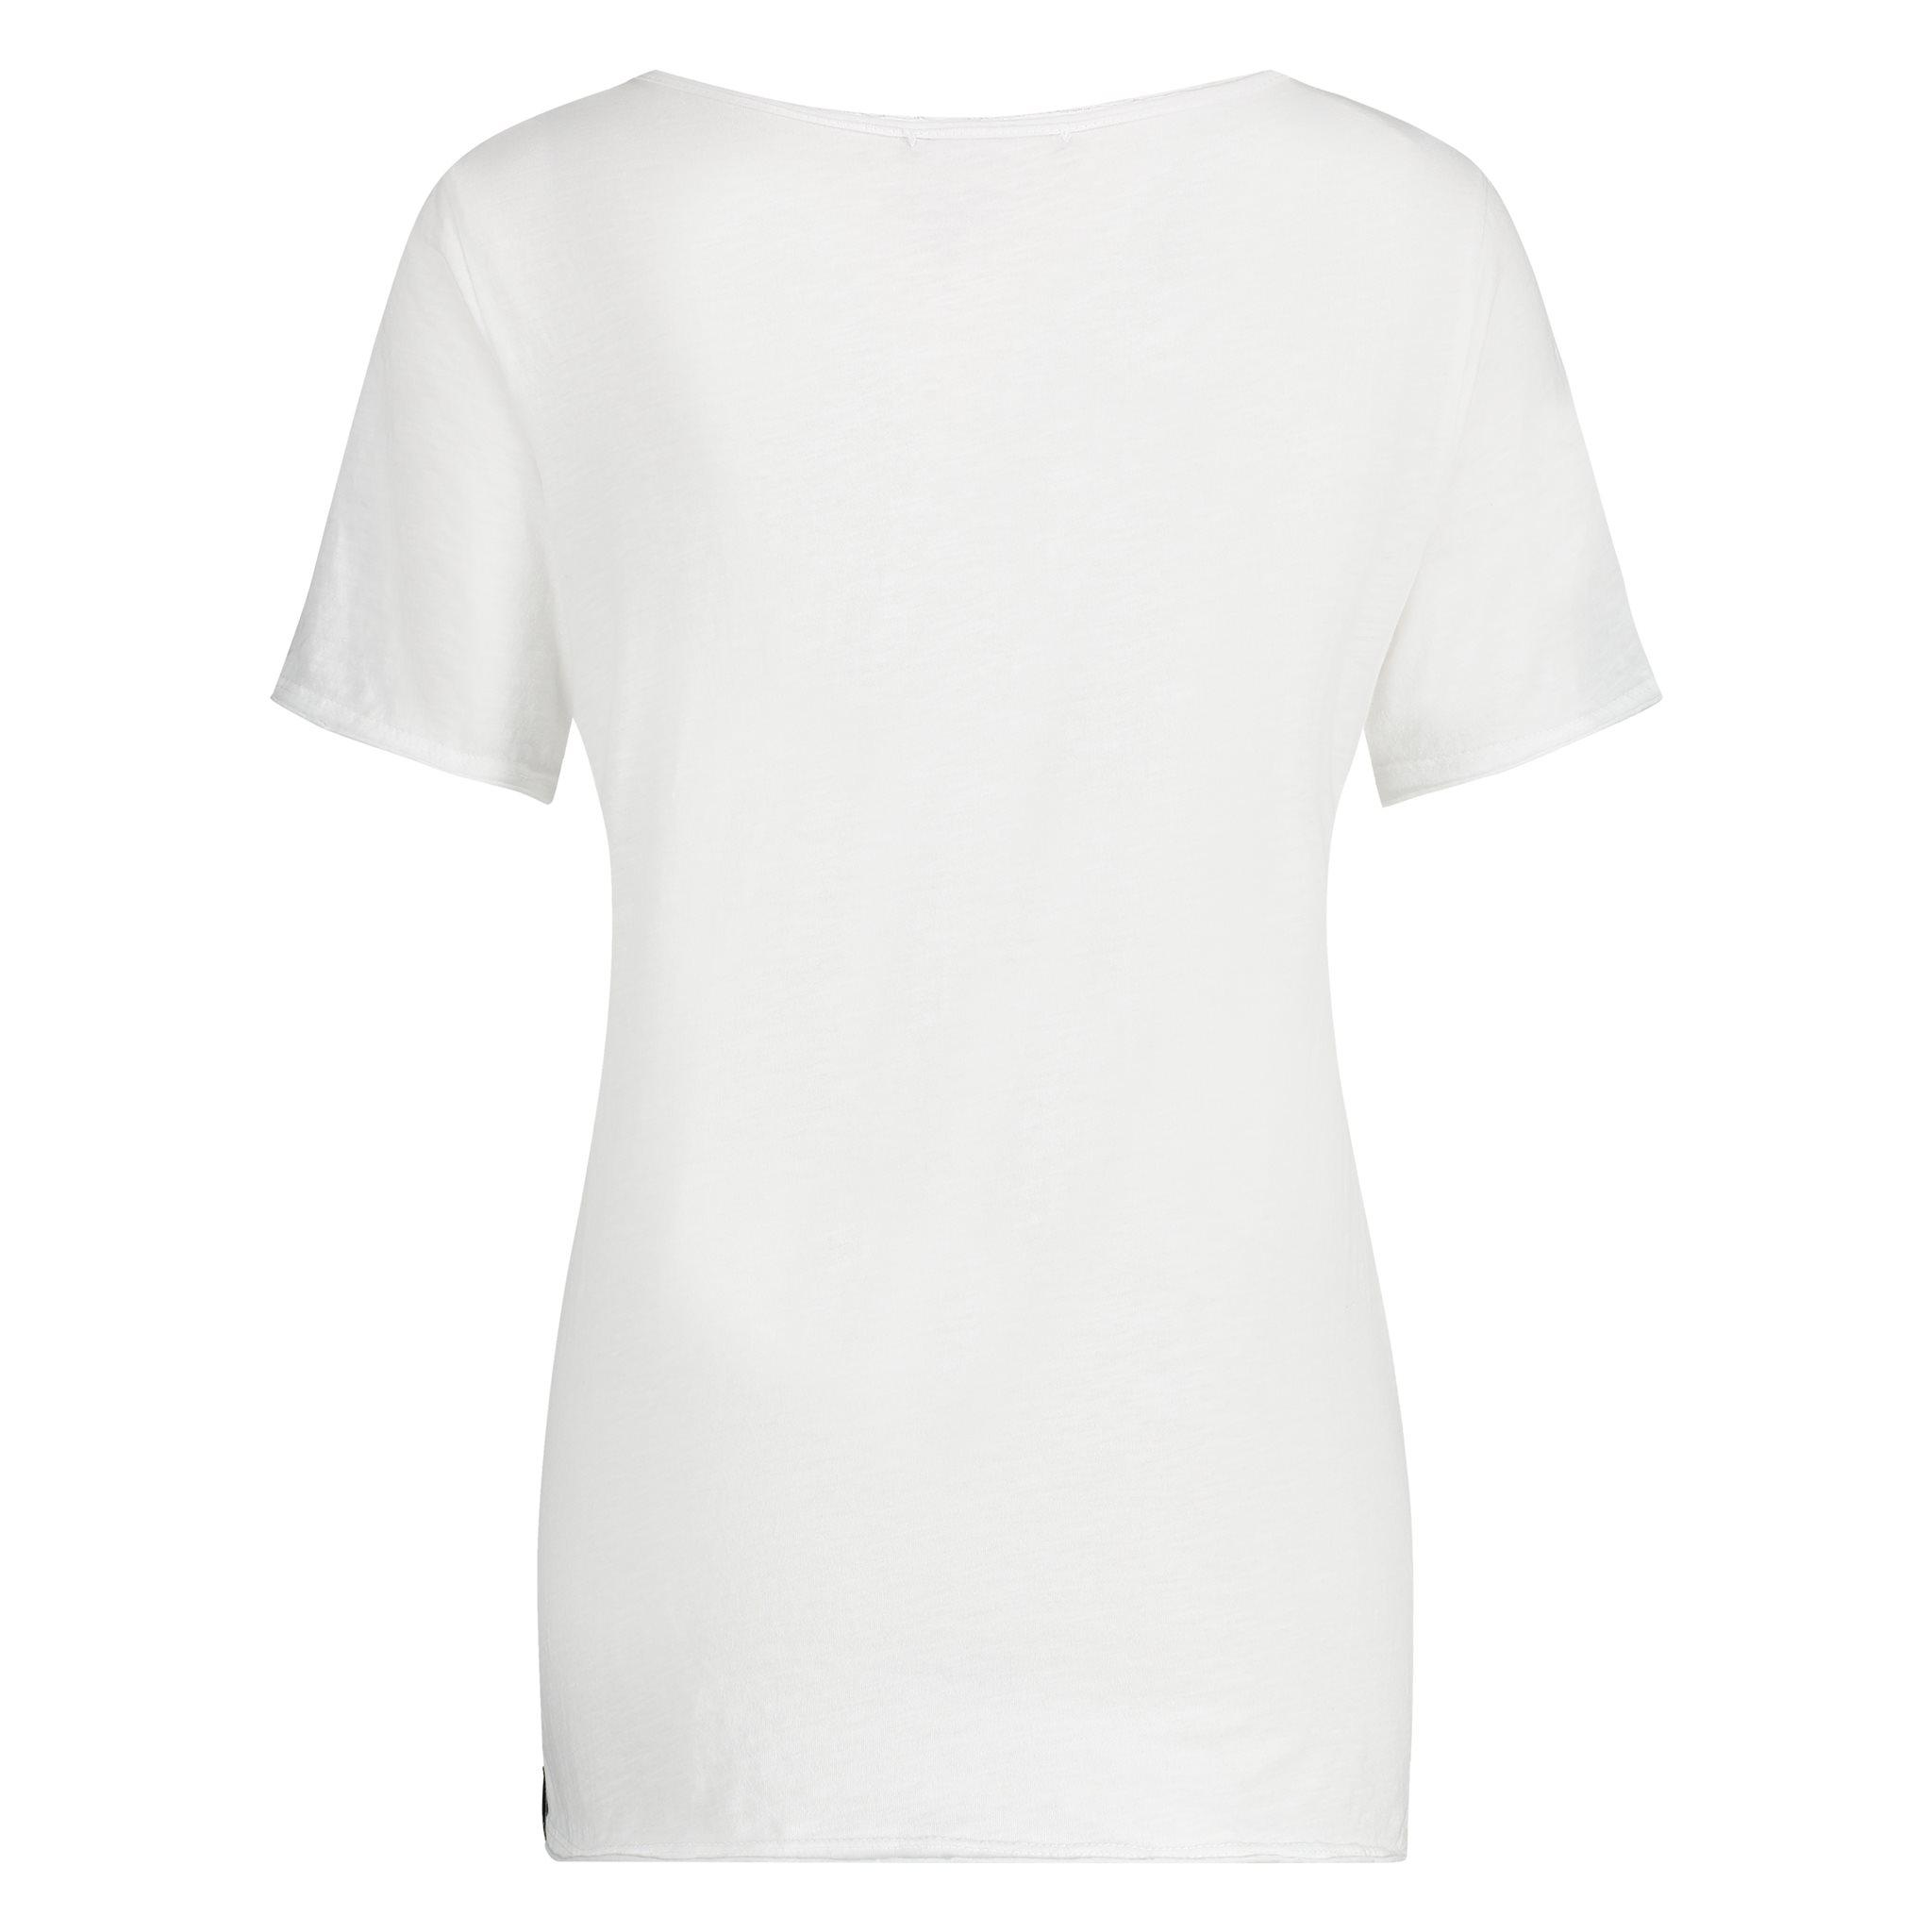 Willem t shirt